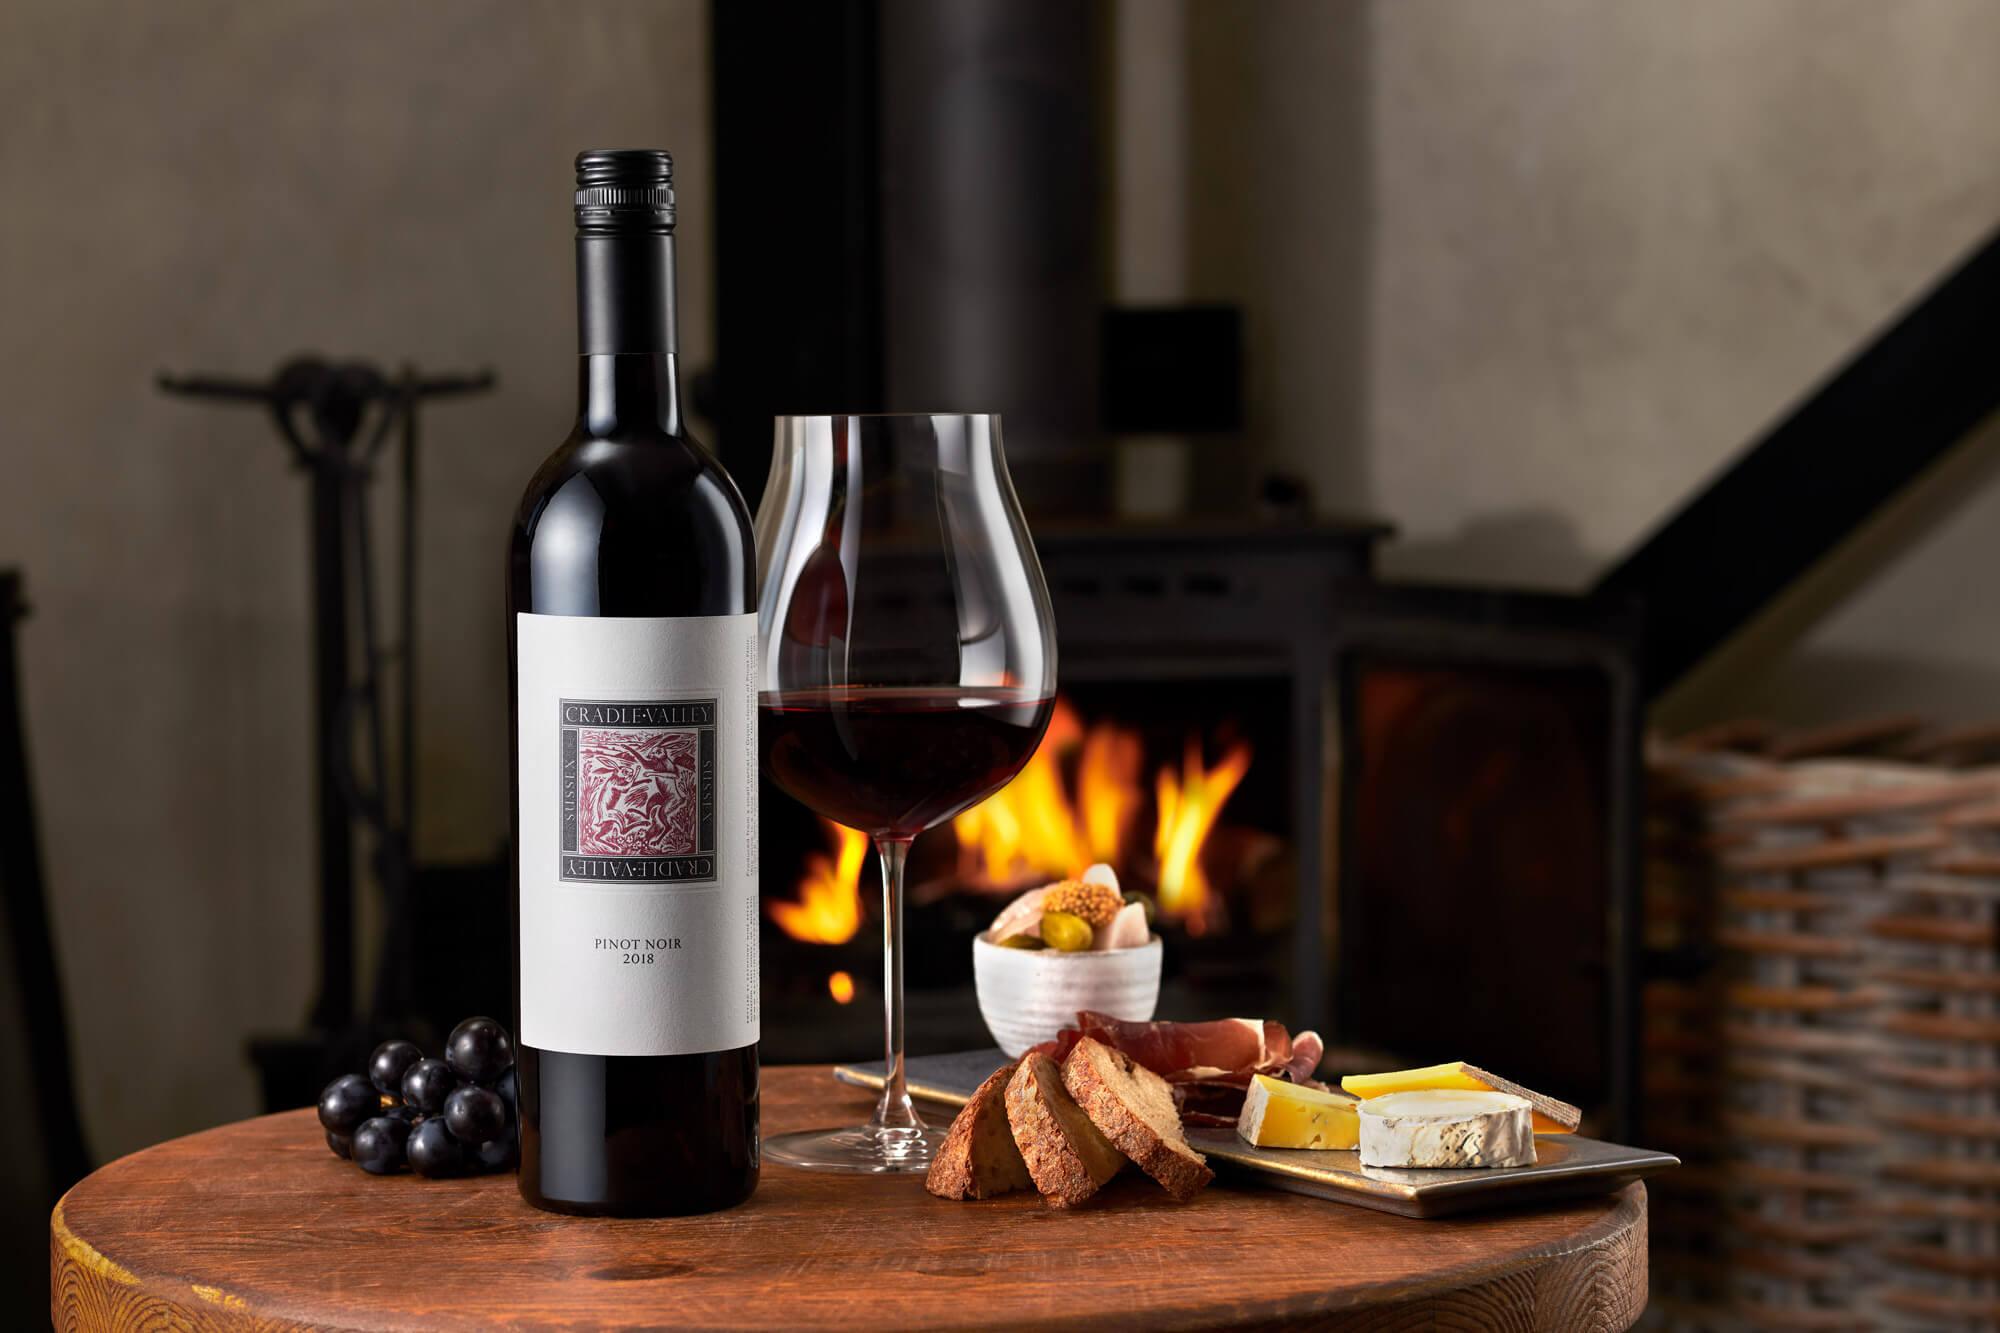 Cradle Valley Pinot Noir